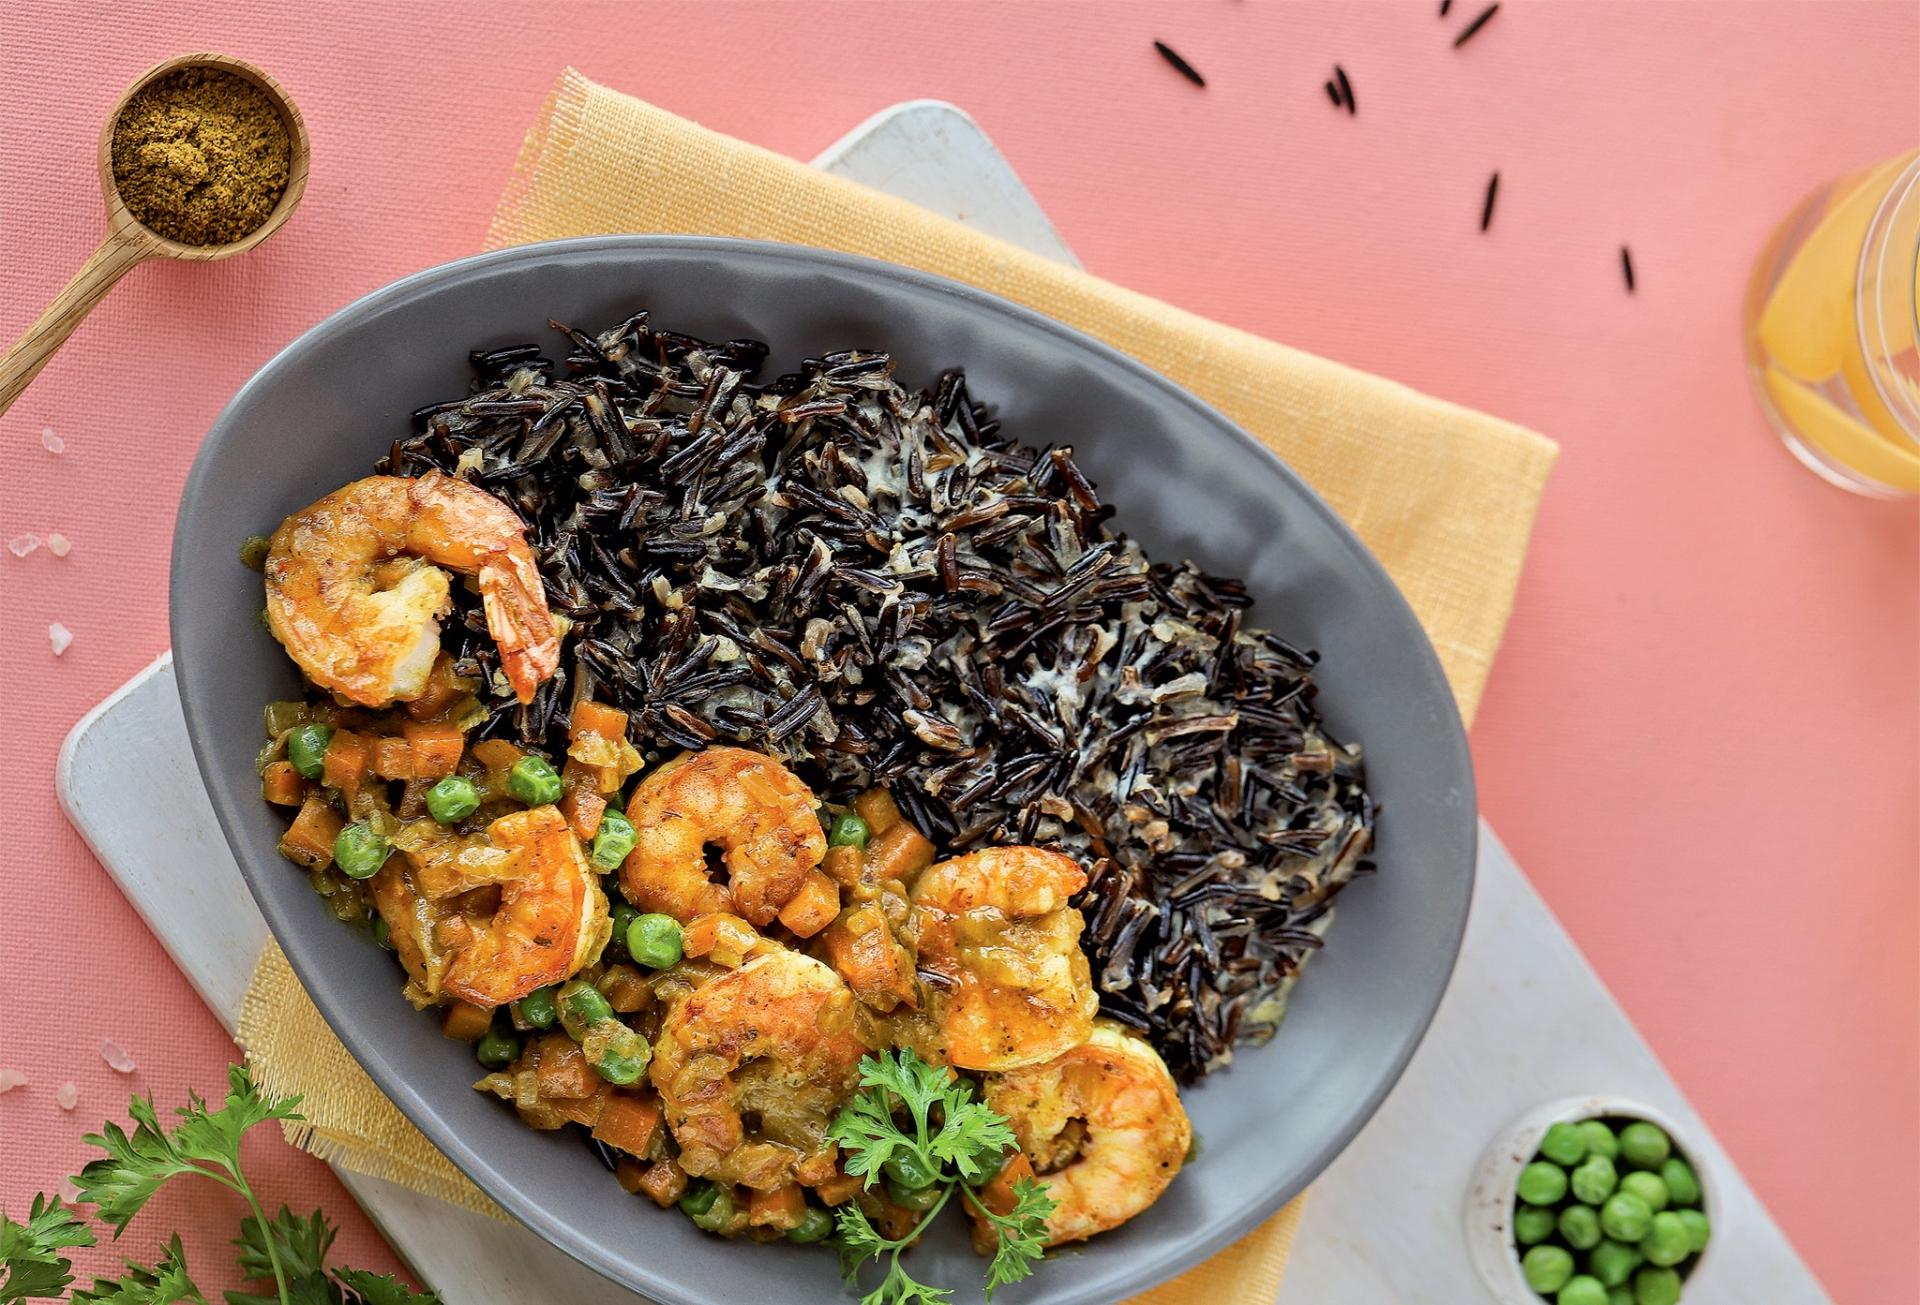 сюжету персонажа лучшие рецепты индийской кухни с фото краски